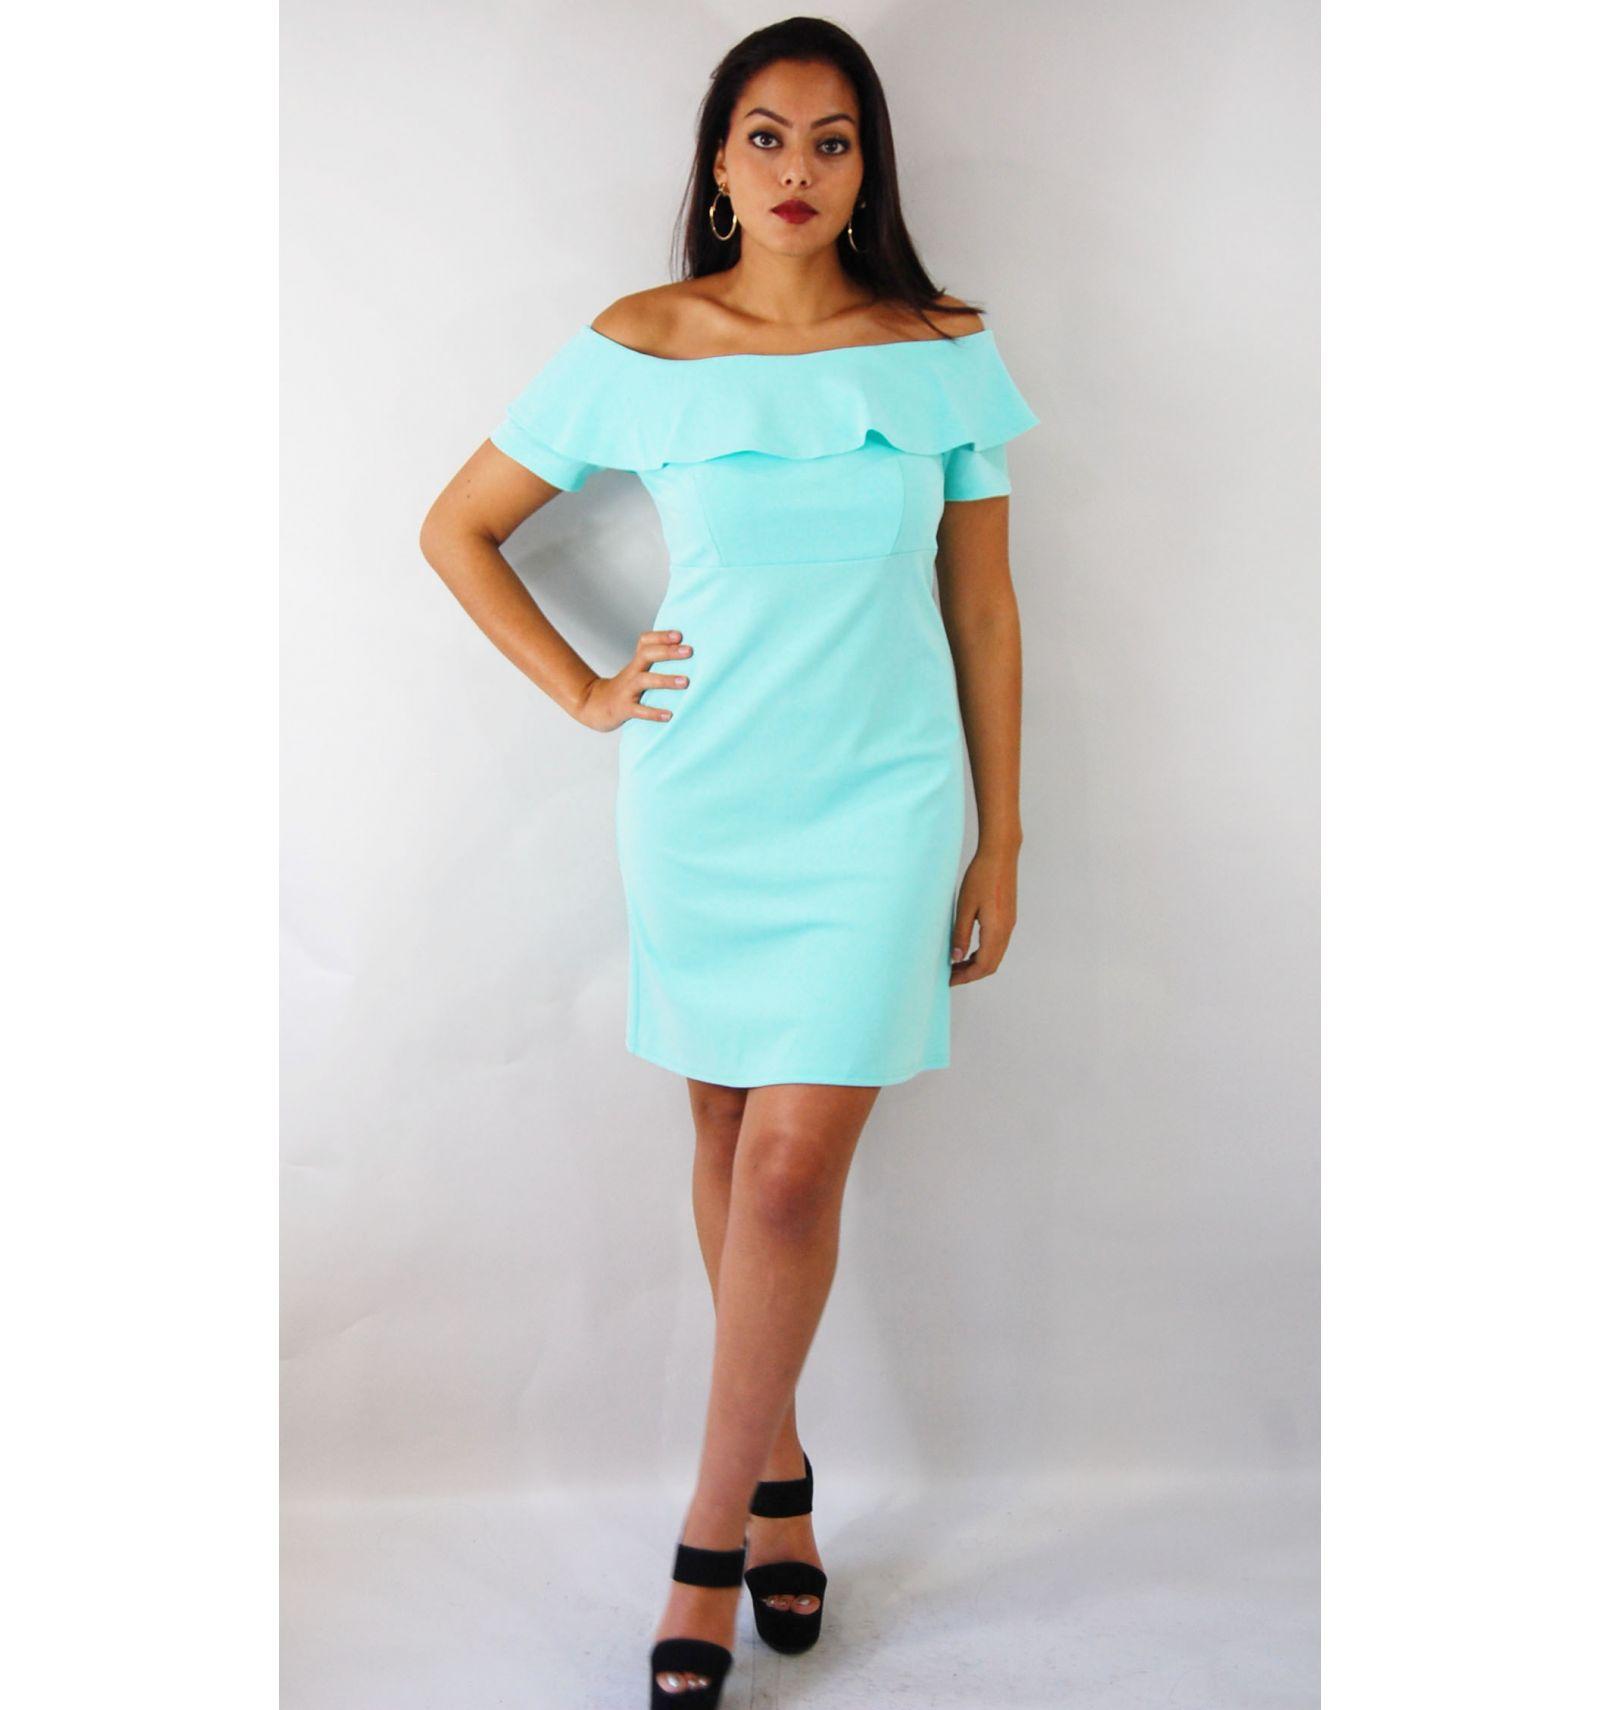 Kaufen Sie ein Türkis Kleid mit Drop Sleeve - Billiges Türkis